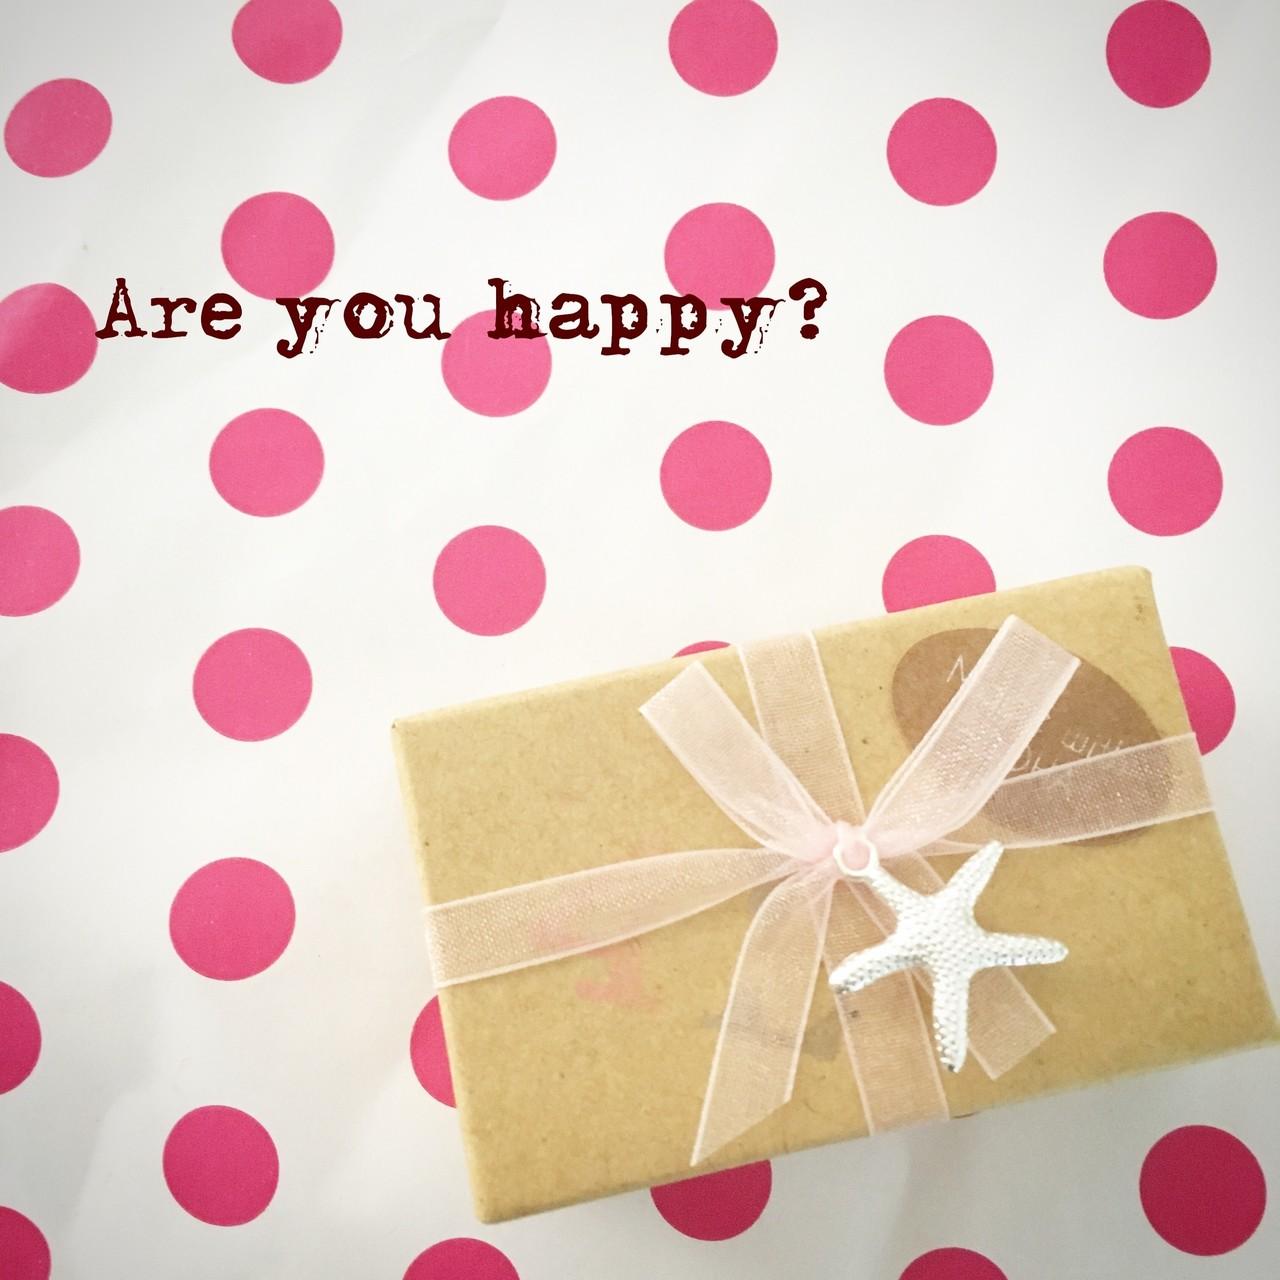 HAPPY MIND HAPPY LIFE.